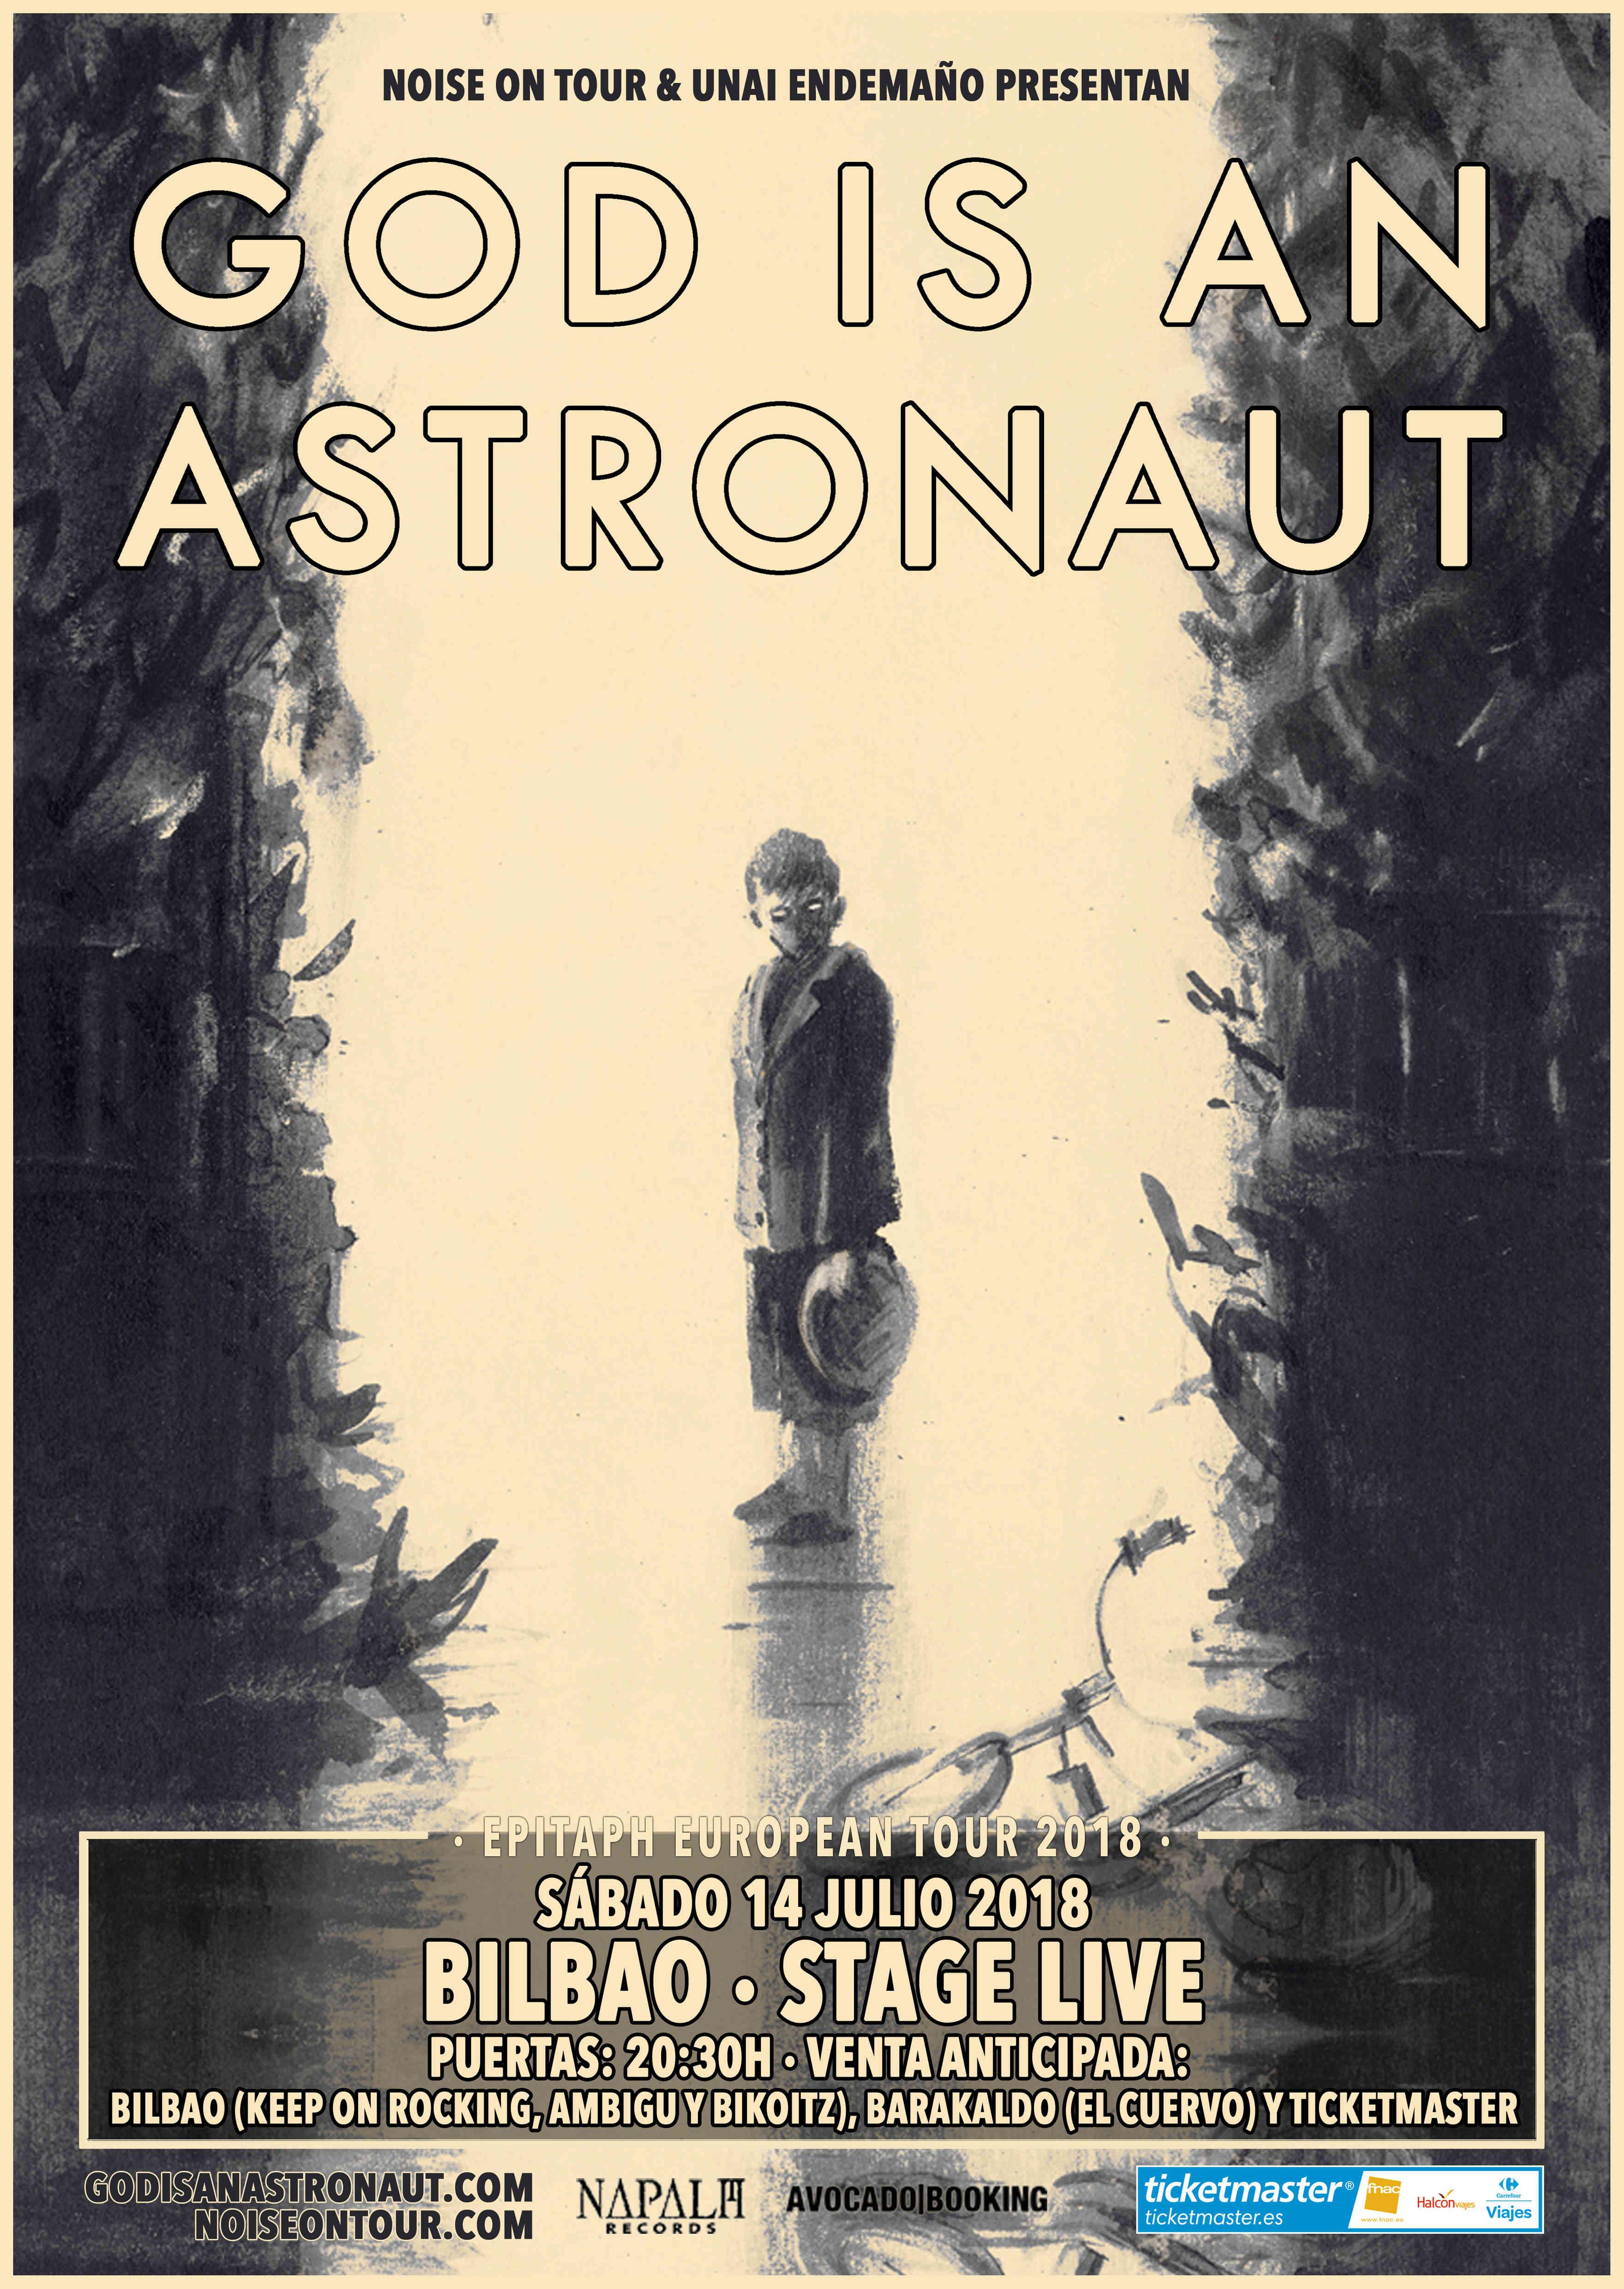 God Is An Astronaut (El Topic) - Página 2 Giaa-p10